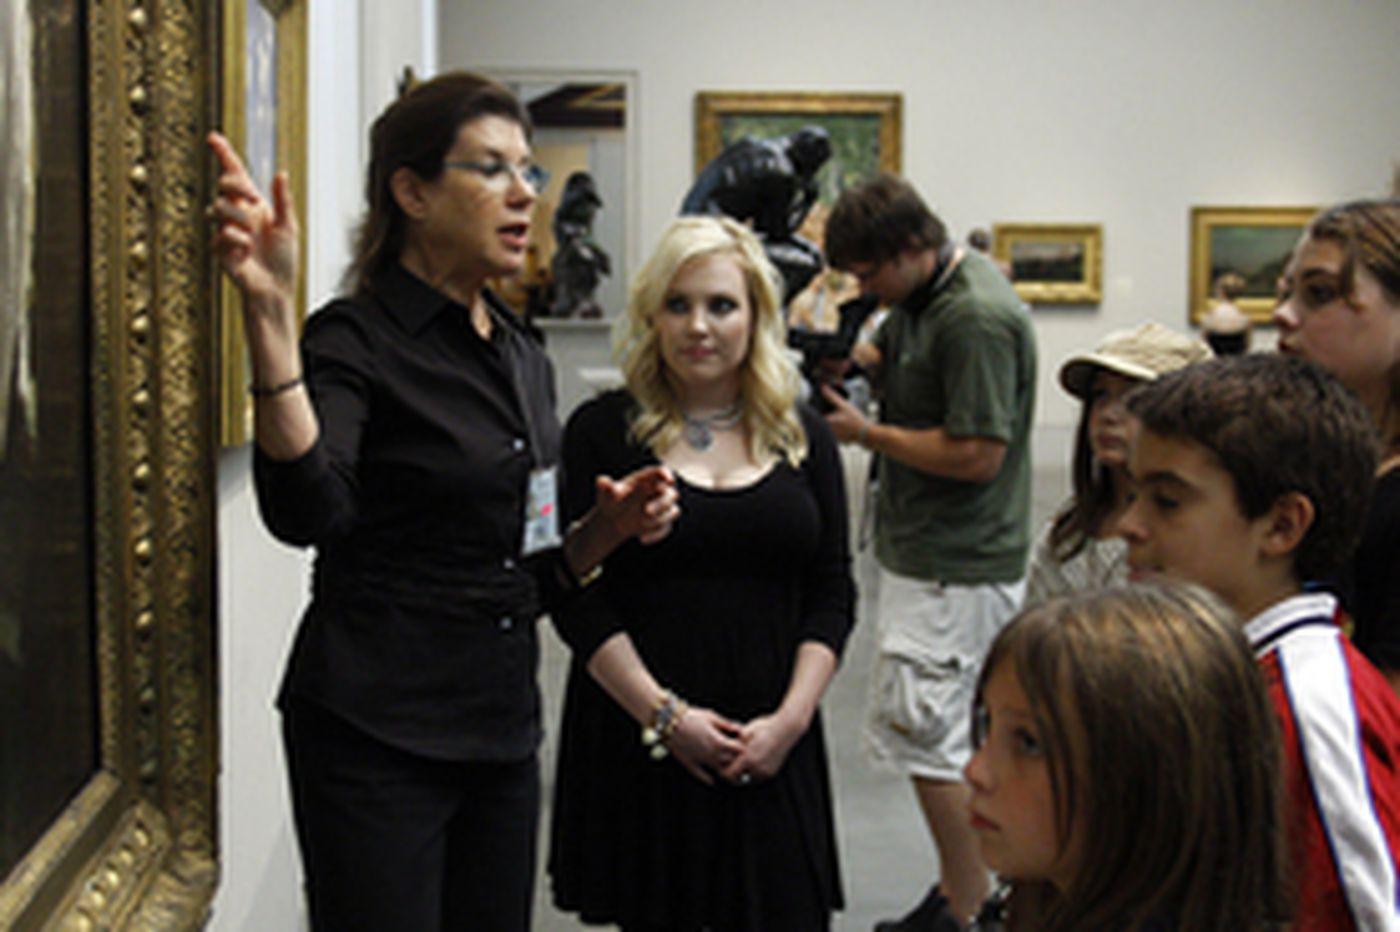 Meghan McCain visits Art Museum